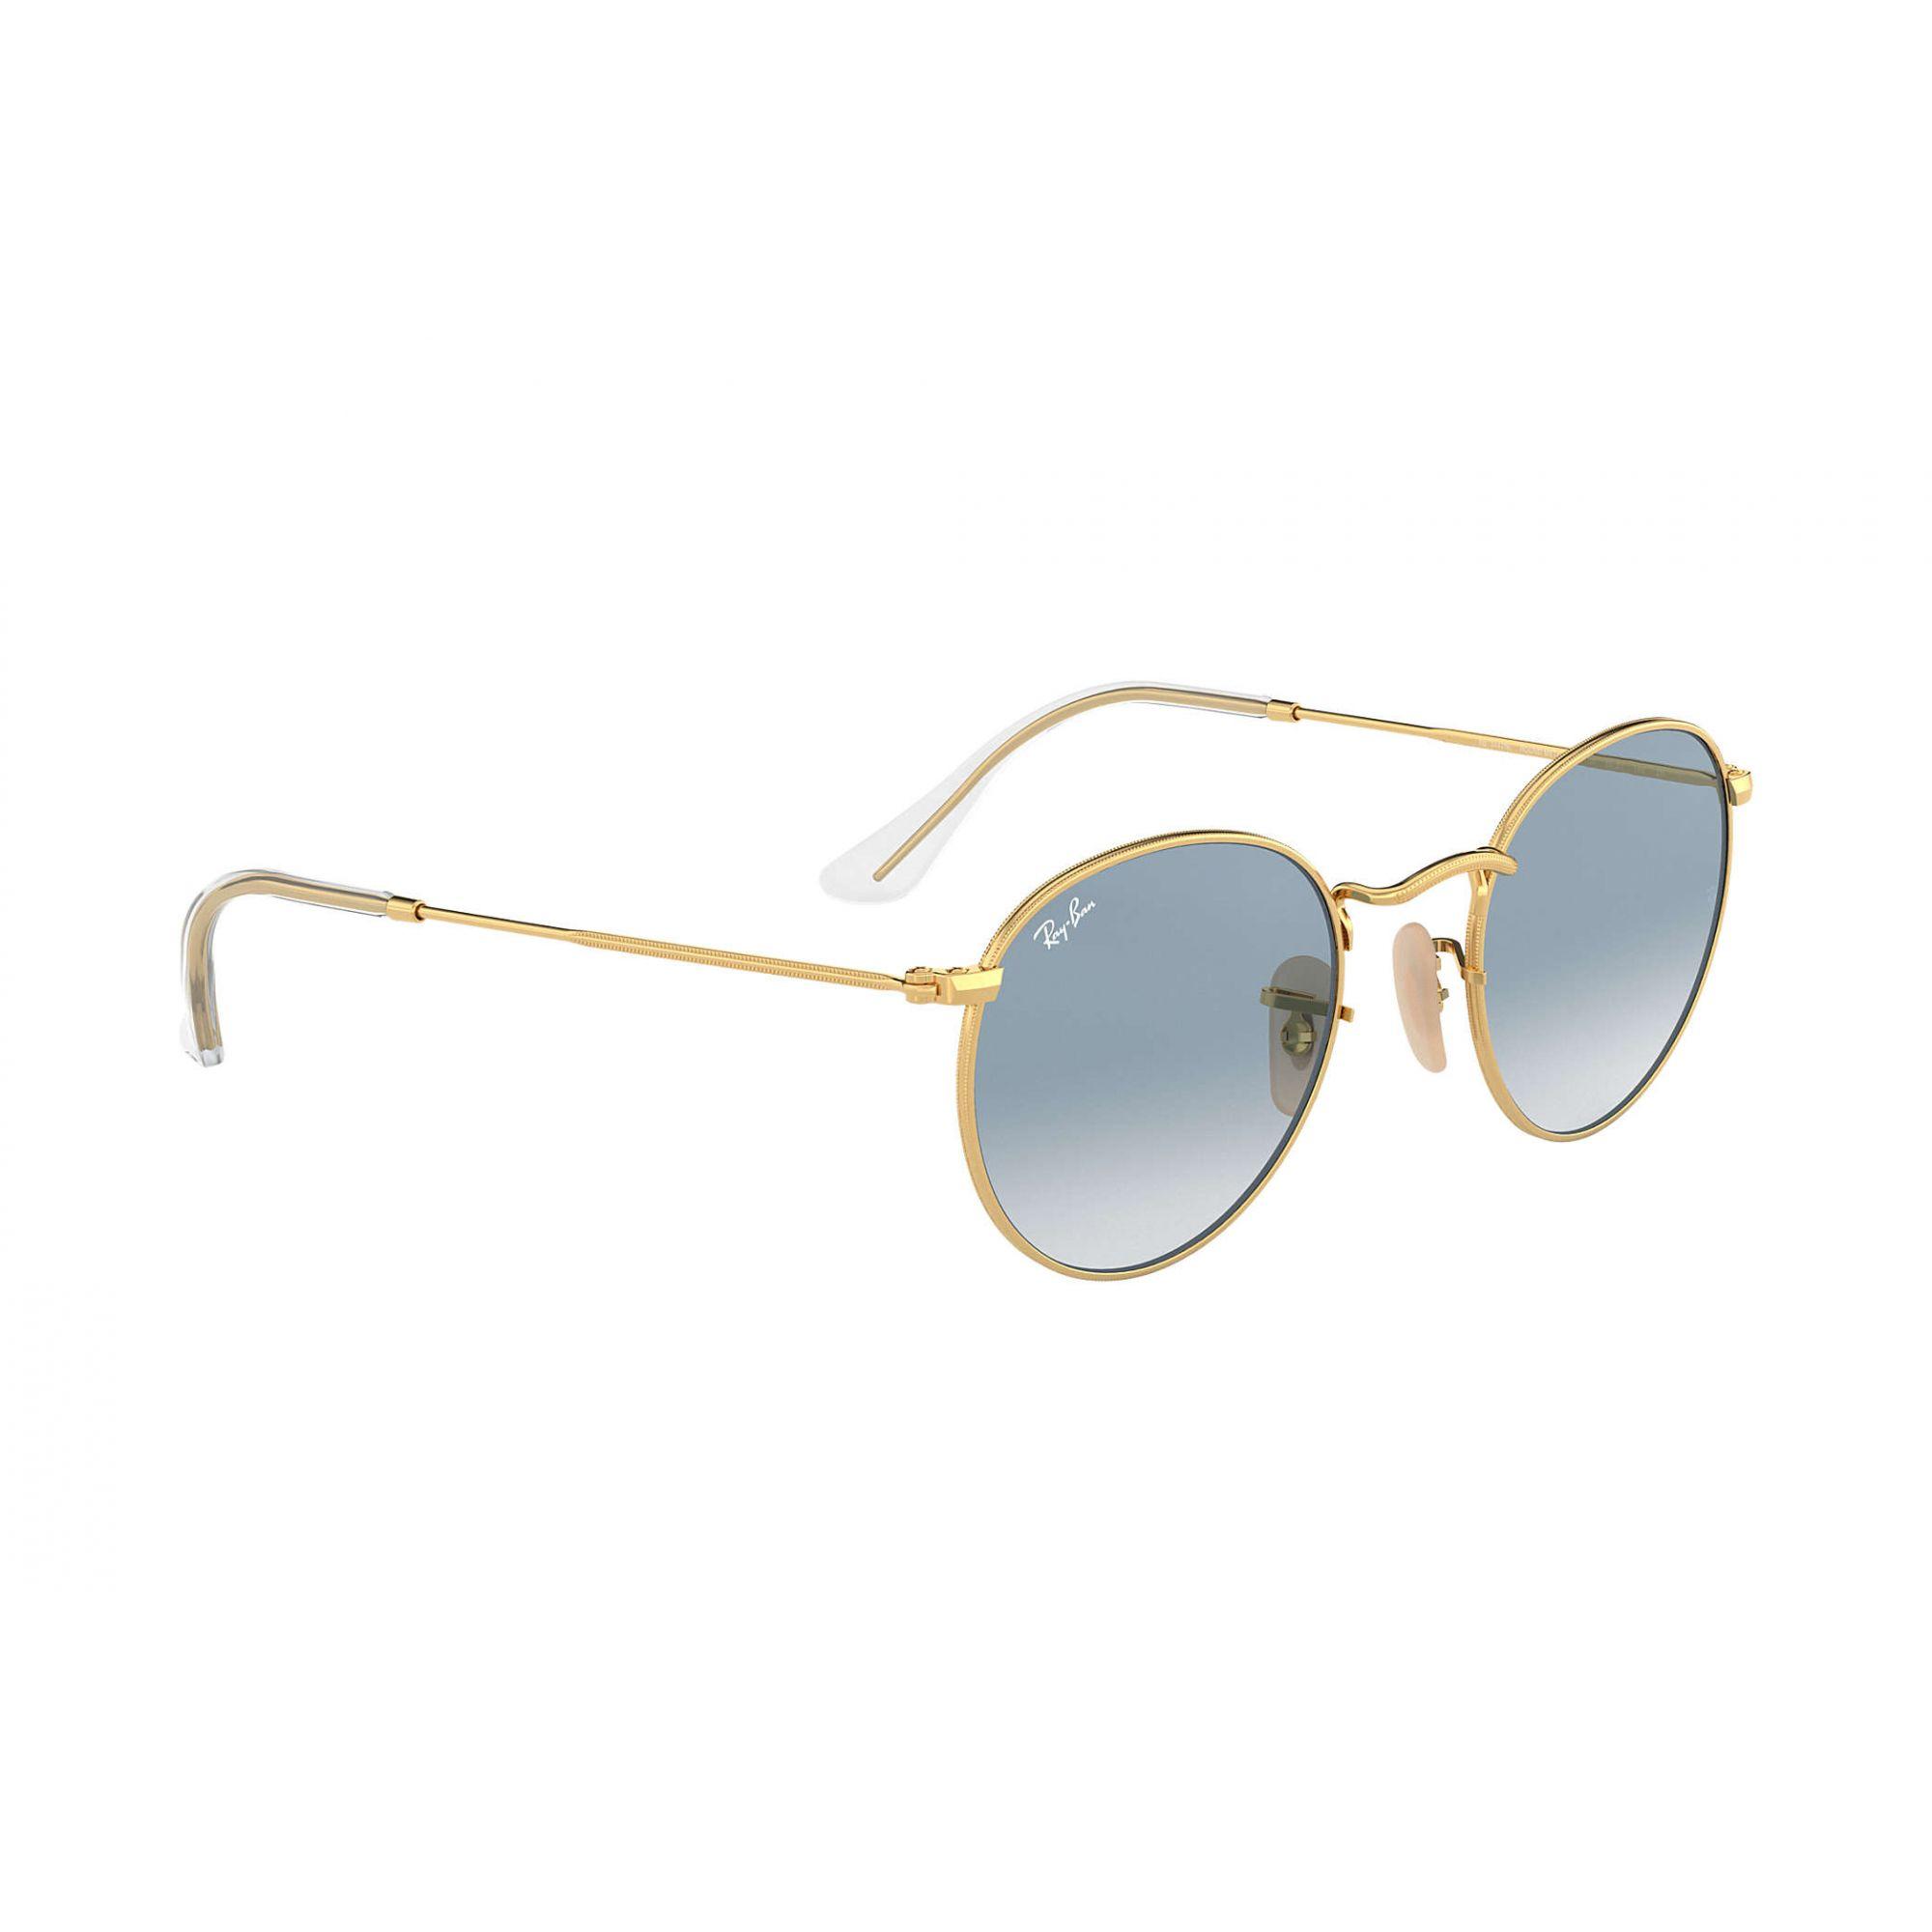 Ray Ban - RB3447NL 0013F - Óculos de sol